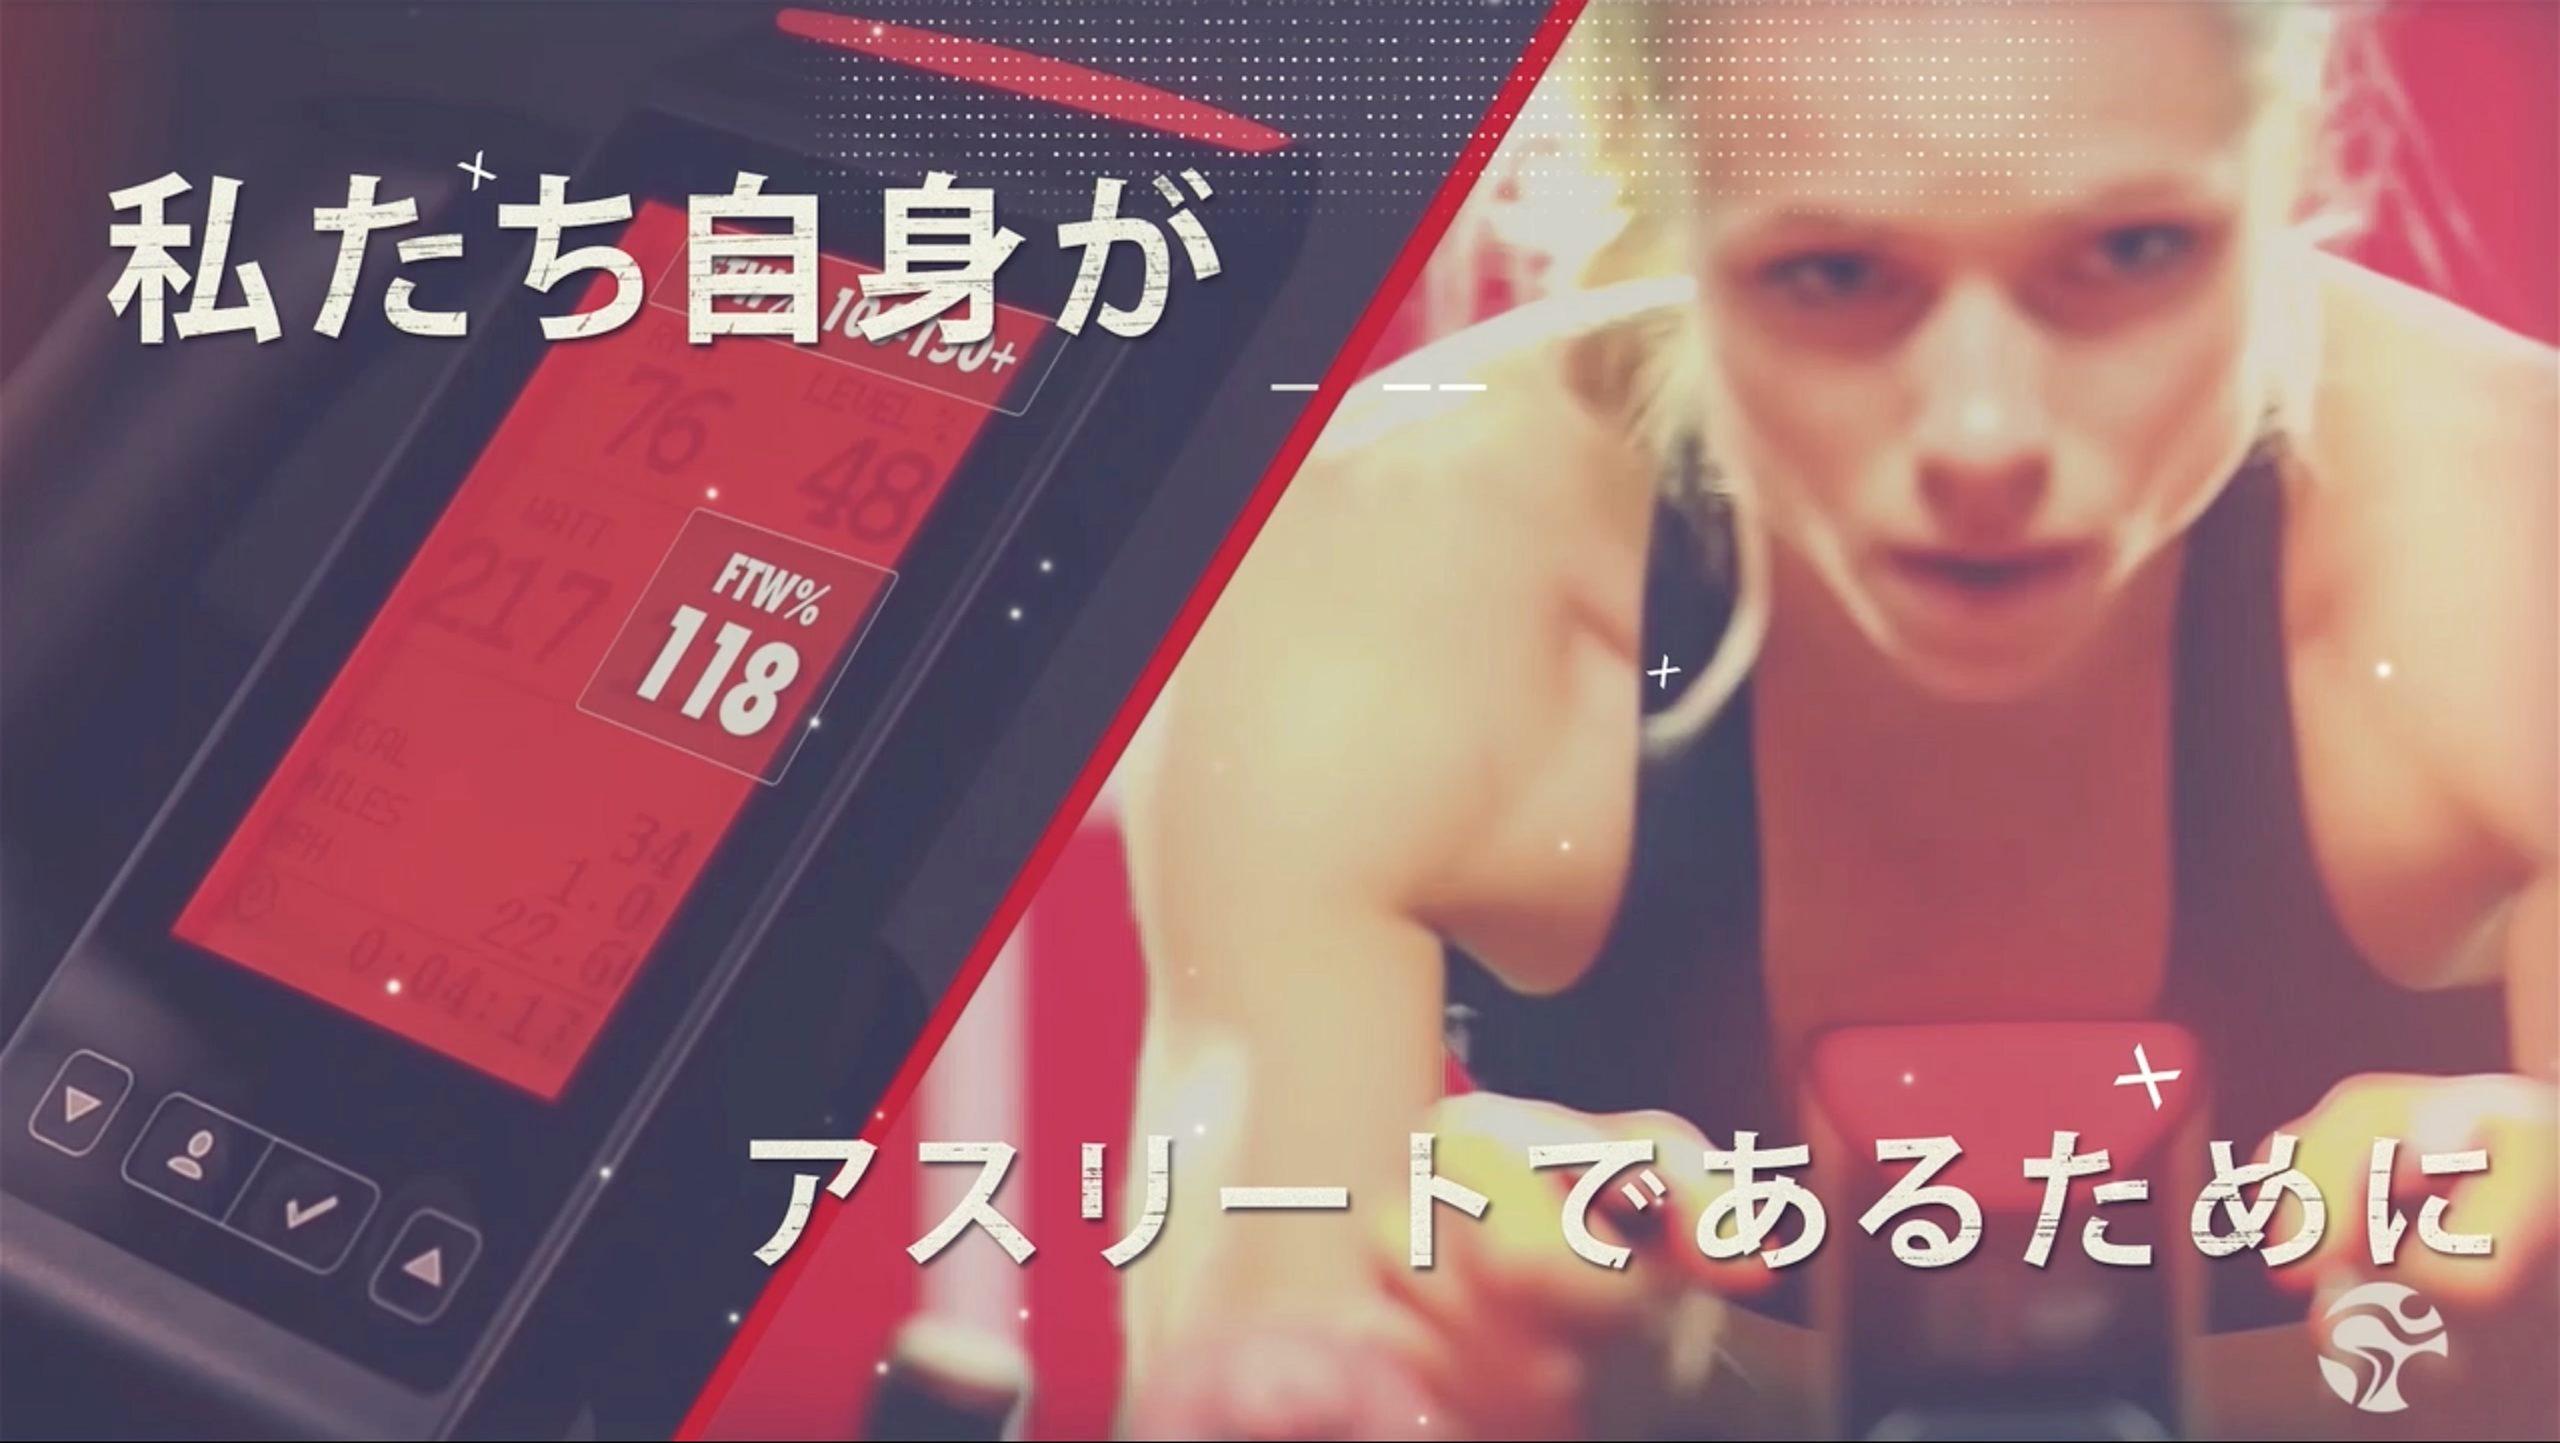 Life Fitness 新製品プレゼンテーションムービー